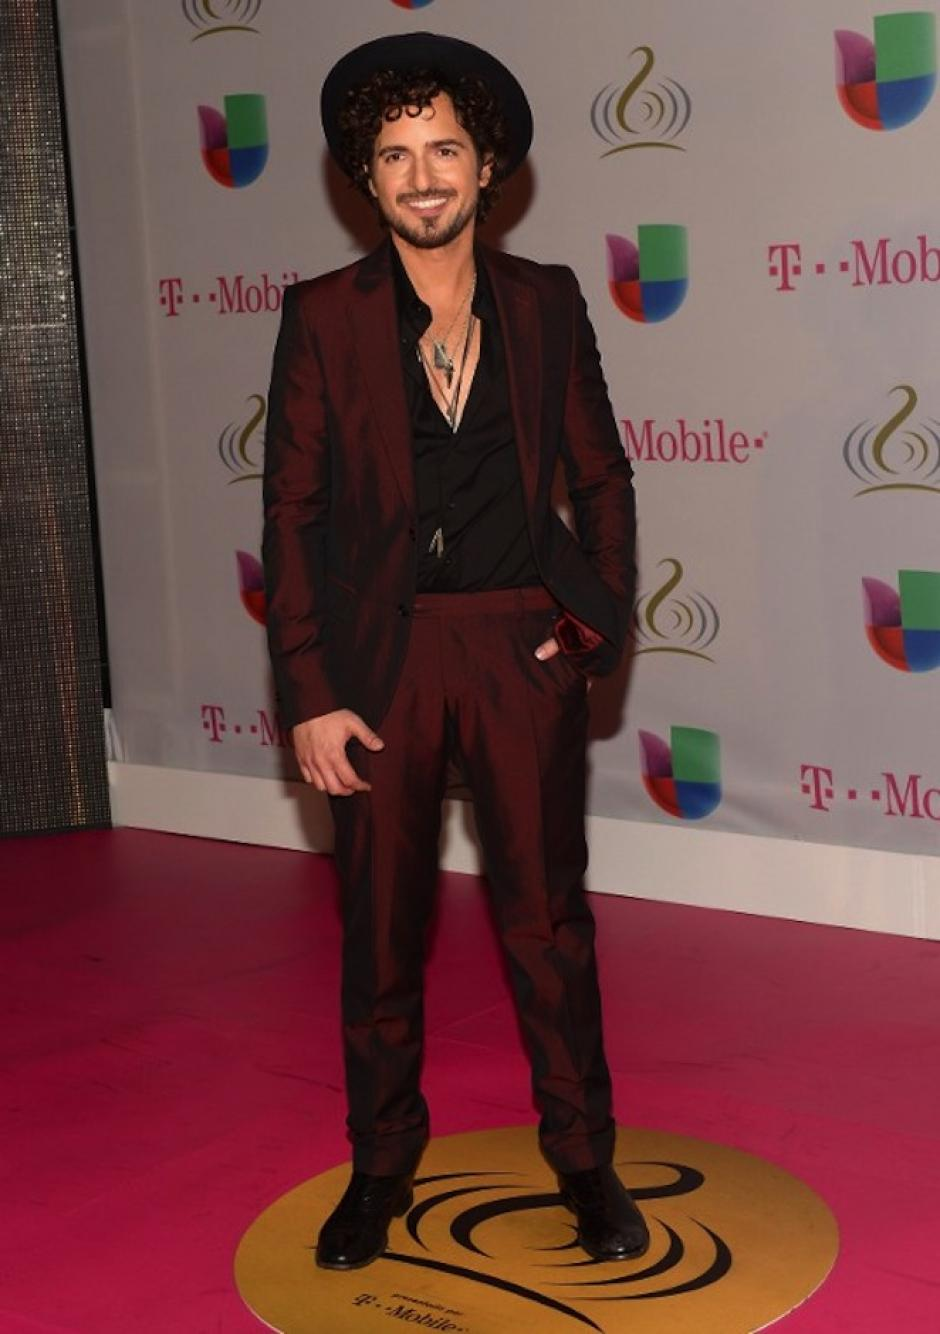 Tommy Torres agregó un sombrero a su imagen, además fue uno de los cantautores que se animó a usar un traje colorido. (Foto: AFP)